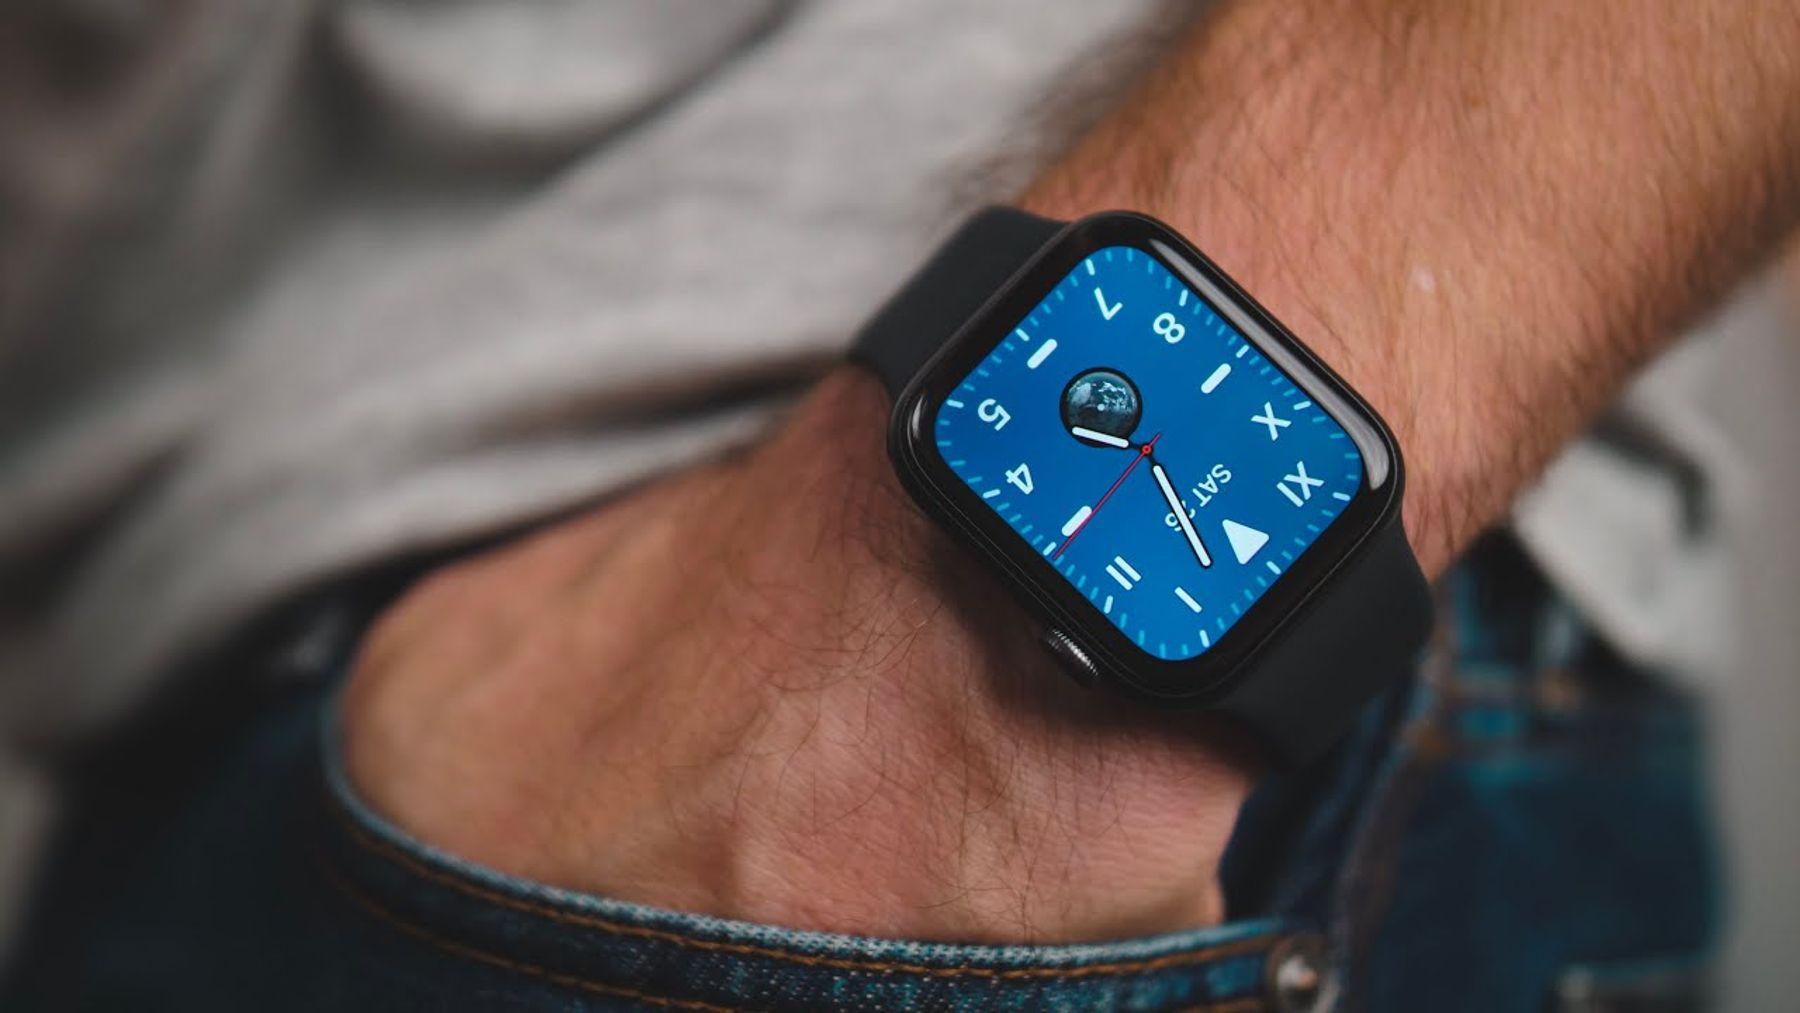 Tặng đồng hồ thông minh cho bạn trai